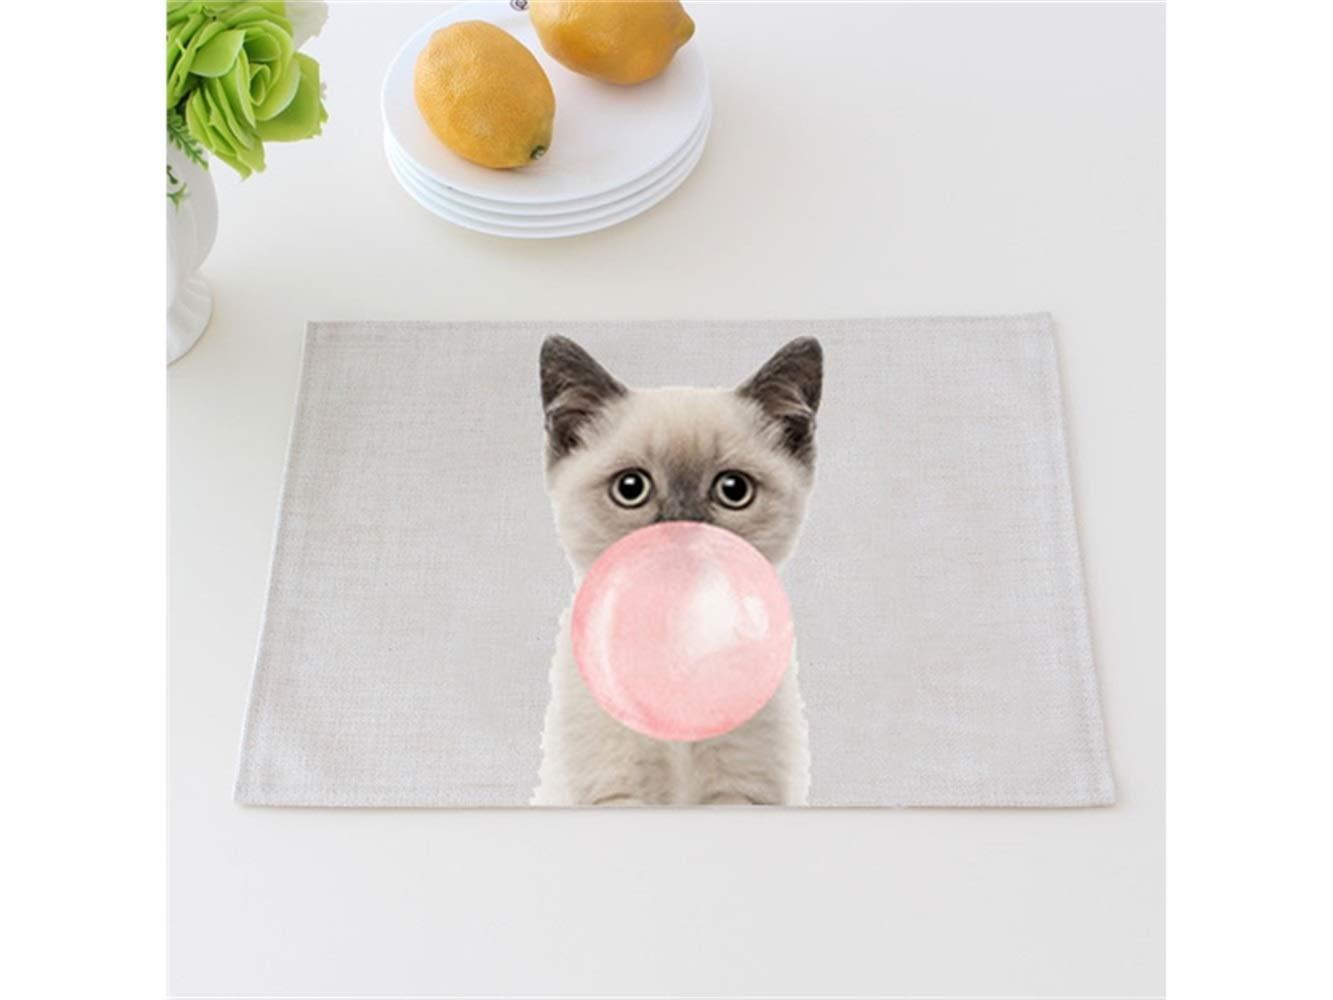 SOPOUITRO Fata in miniatura Tovagliette rettangolari in cotone con motivo animali per uso domestico in giardino (Cat)